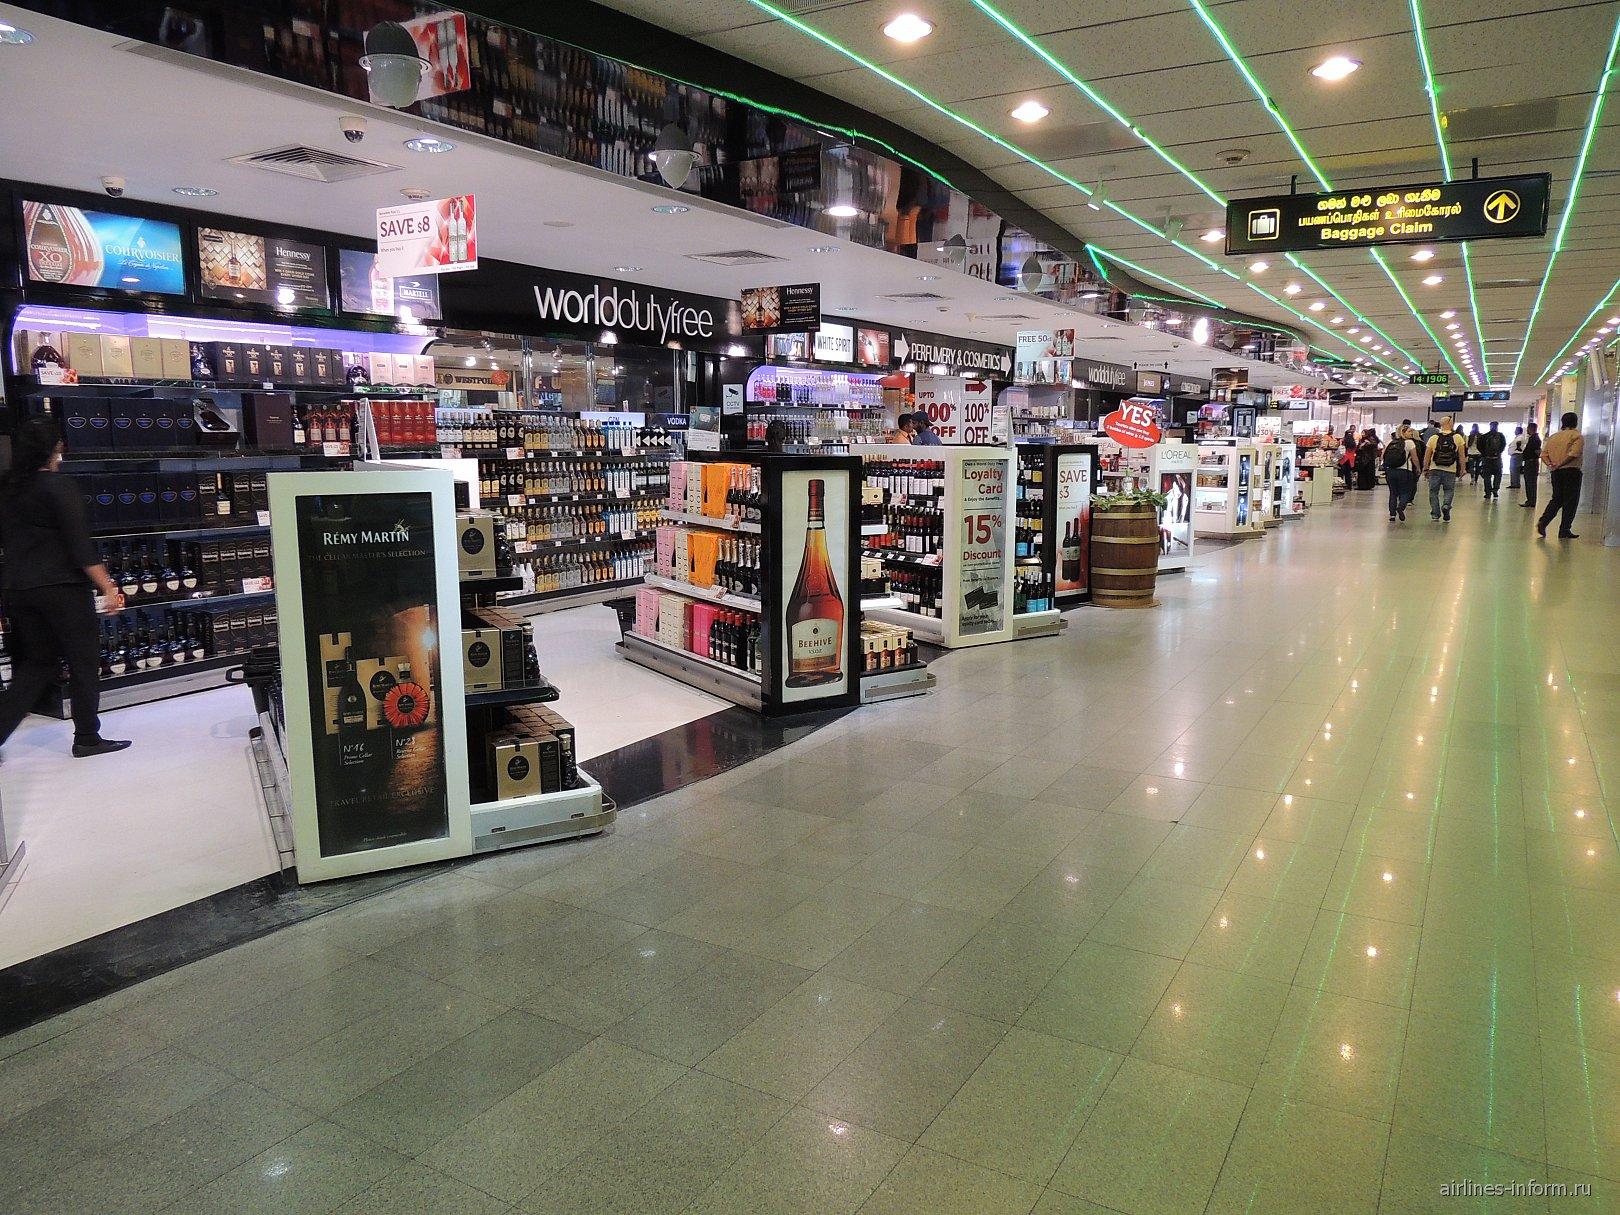 Магазин дьюти-фри в зоне прилета аэропорта Коломбо Бандаранайке